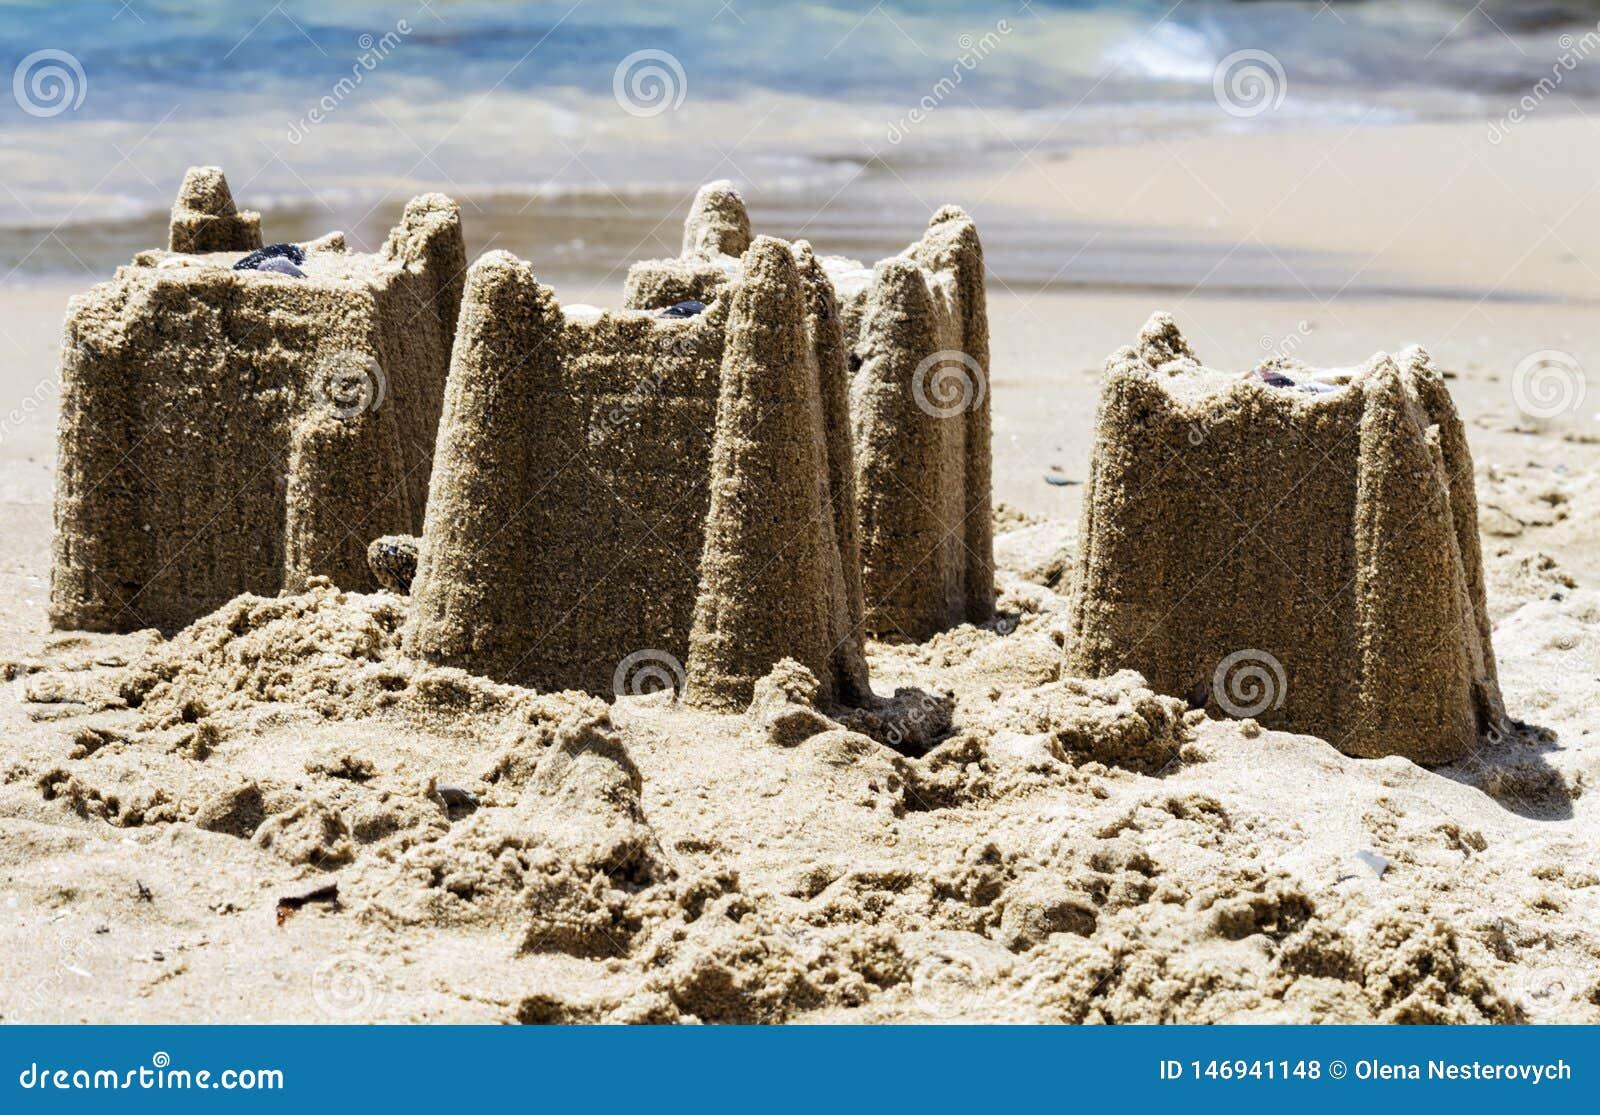 Castillos de arena en la playa, concepto de las vacaciones, entonado